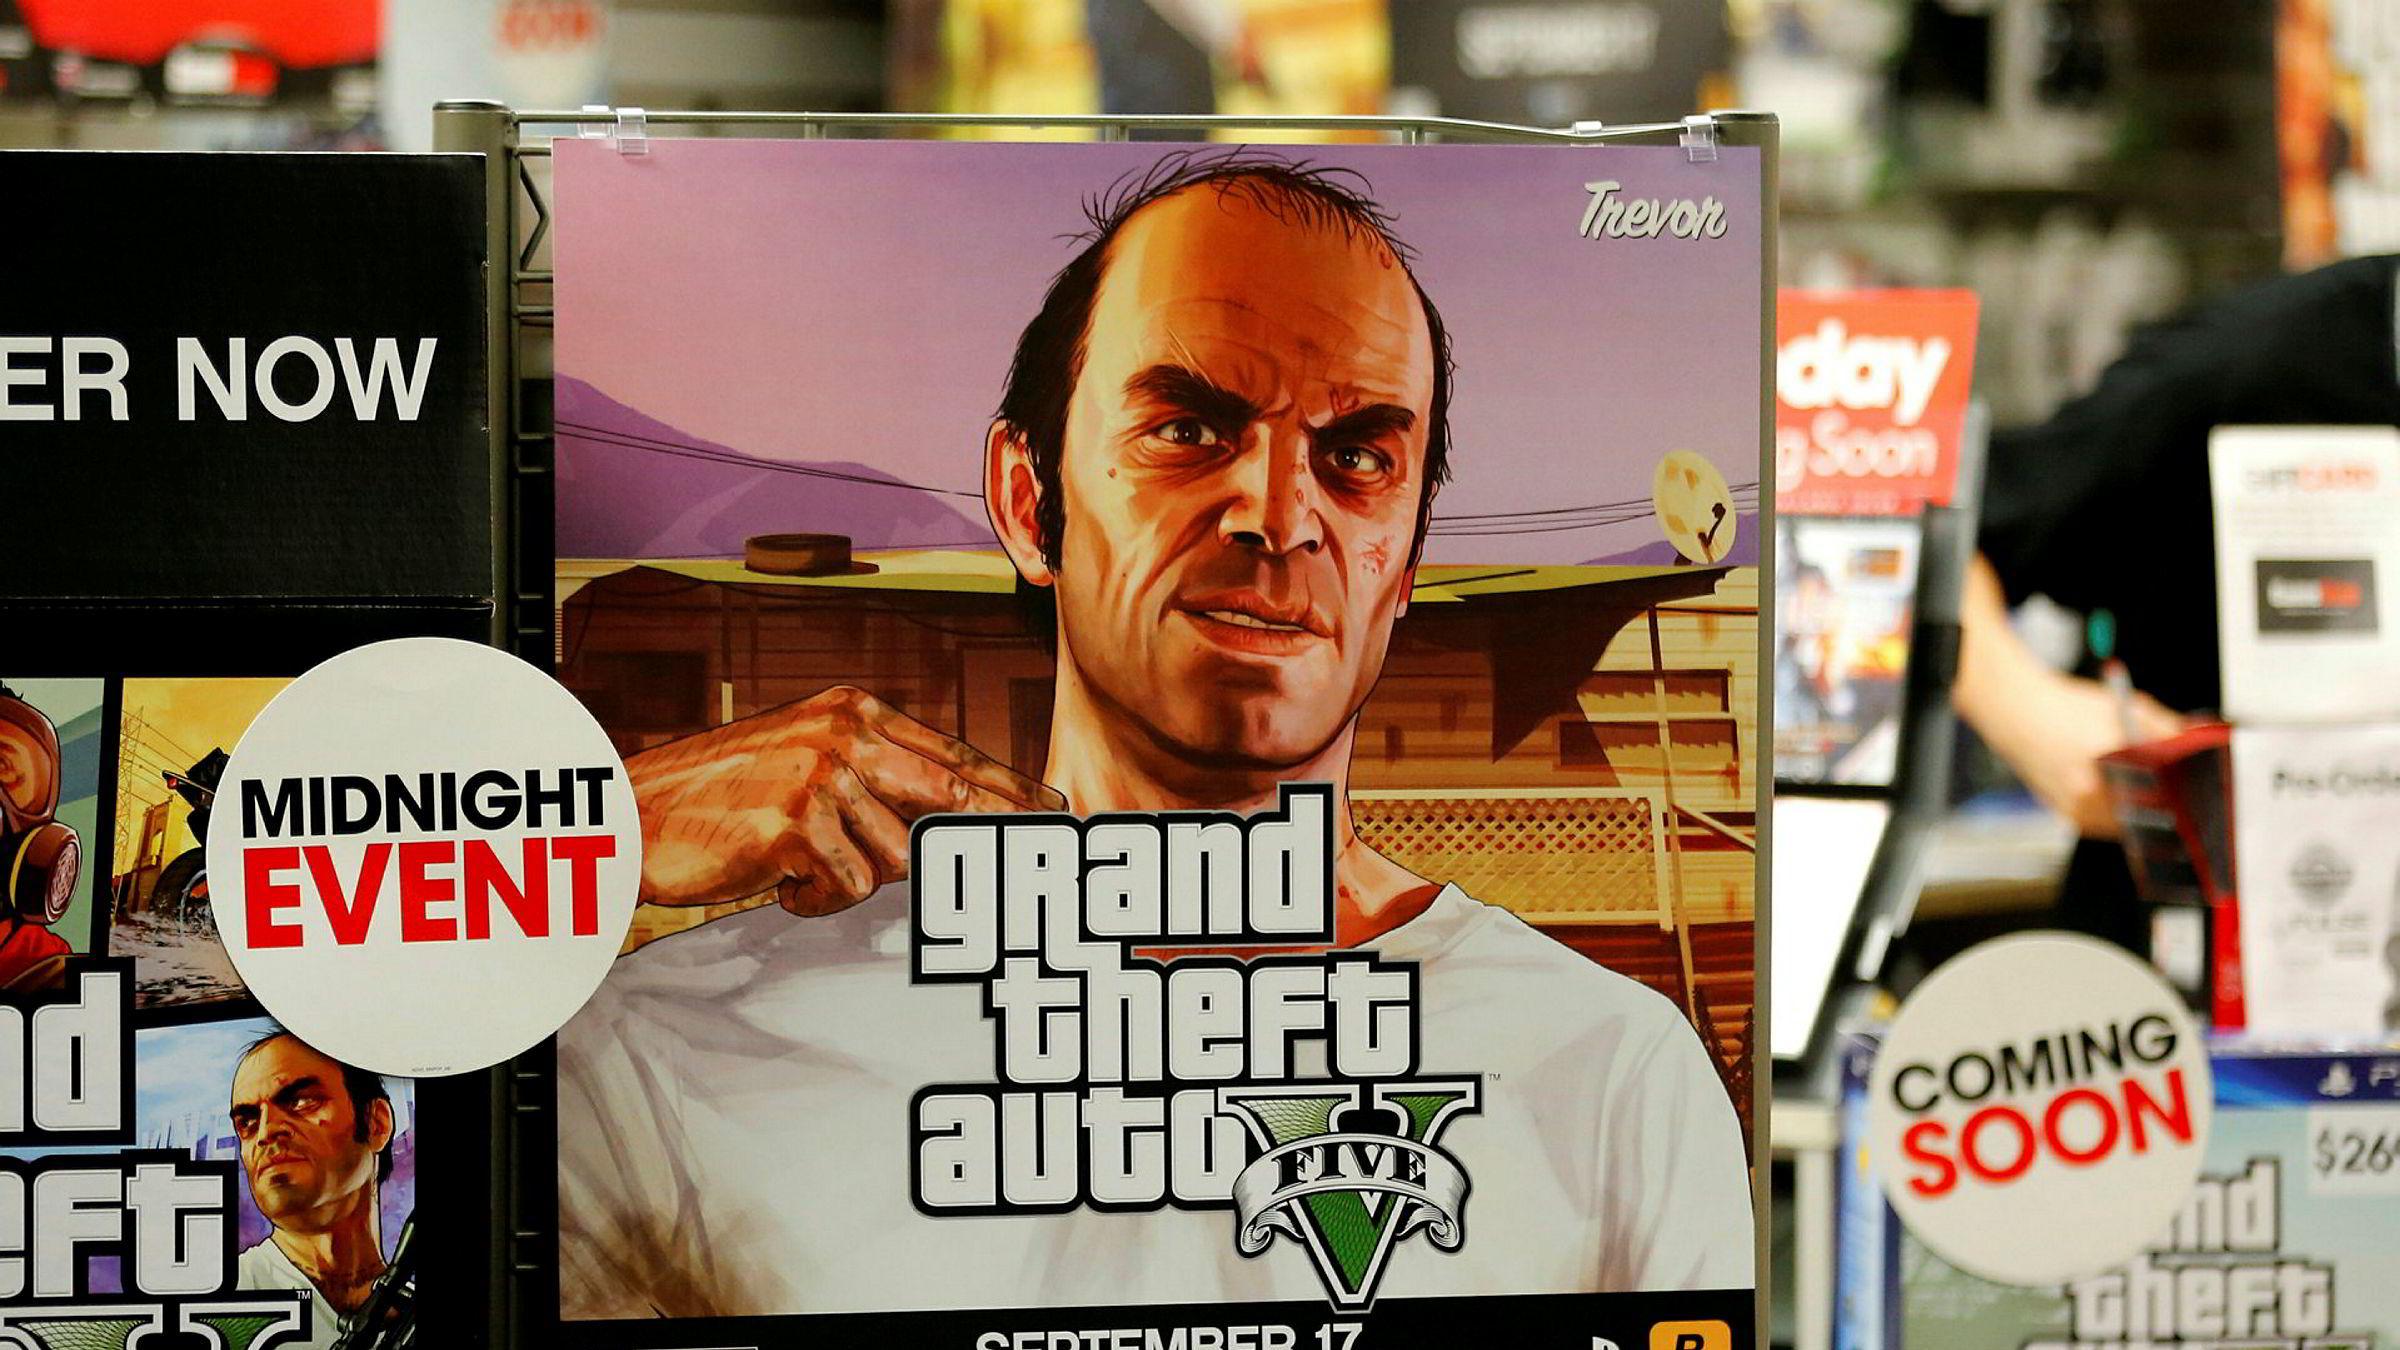 «Grand Theft Auto V» har spilt inn historisk høye summer.